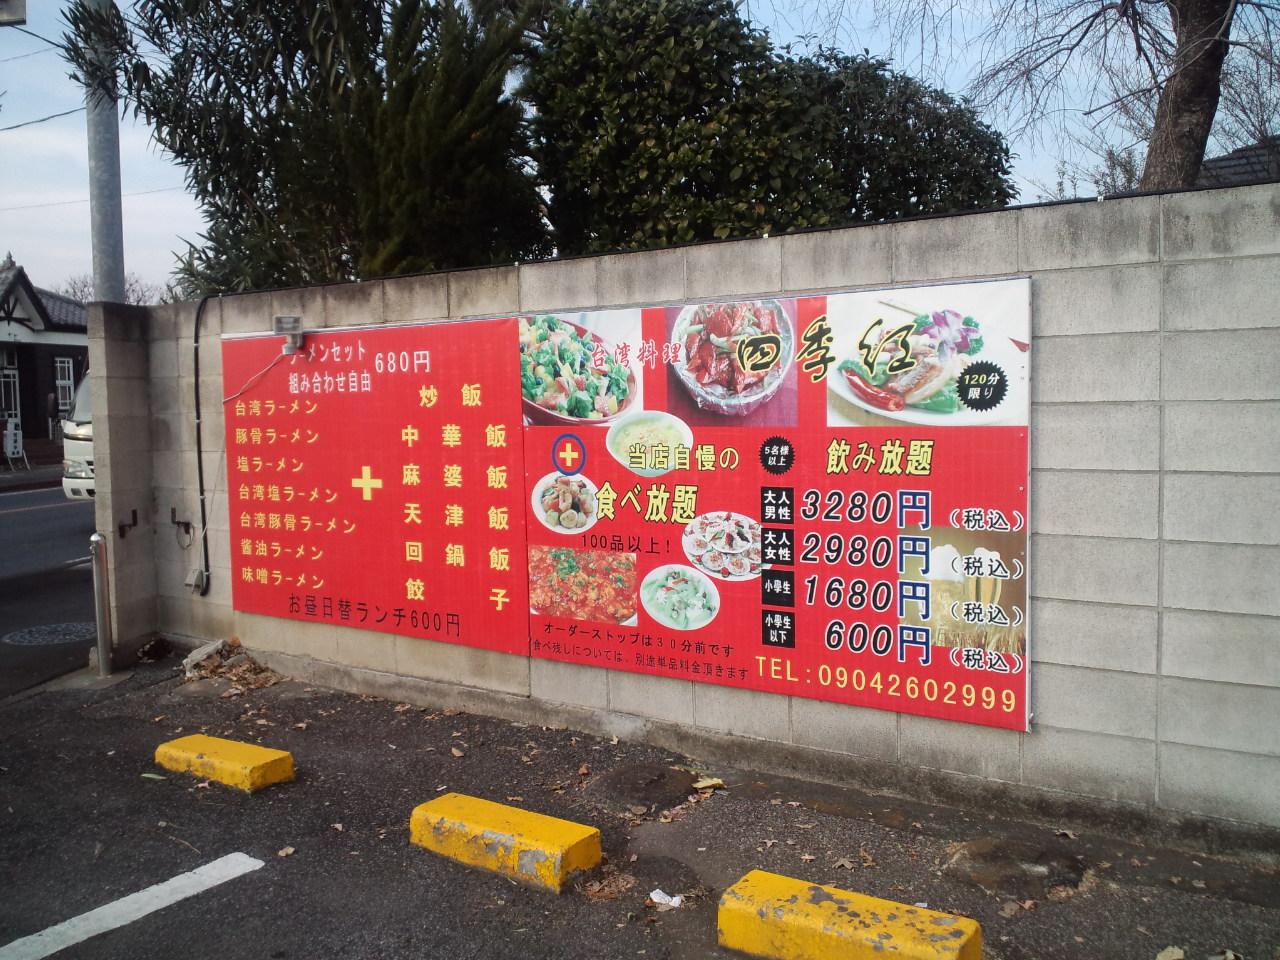 台湾料理 四季紅 足利店